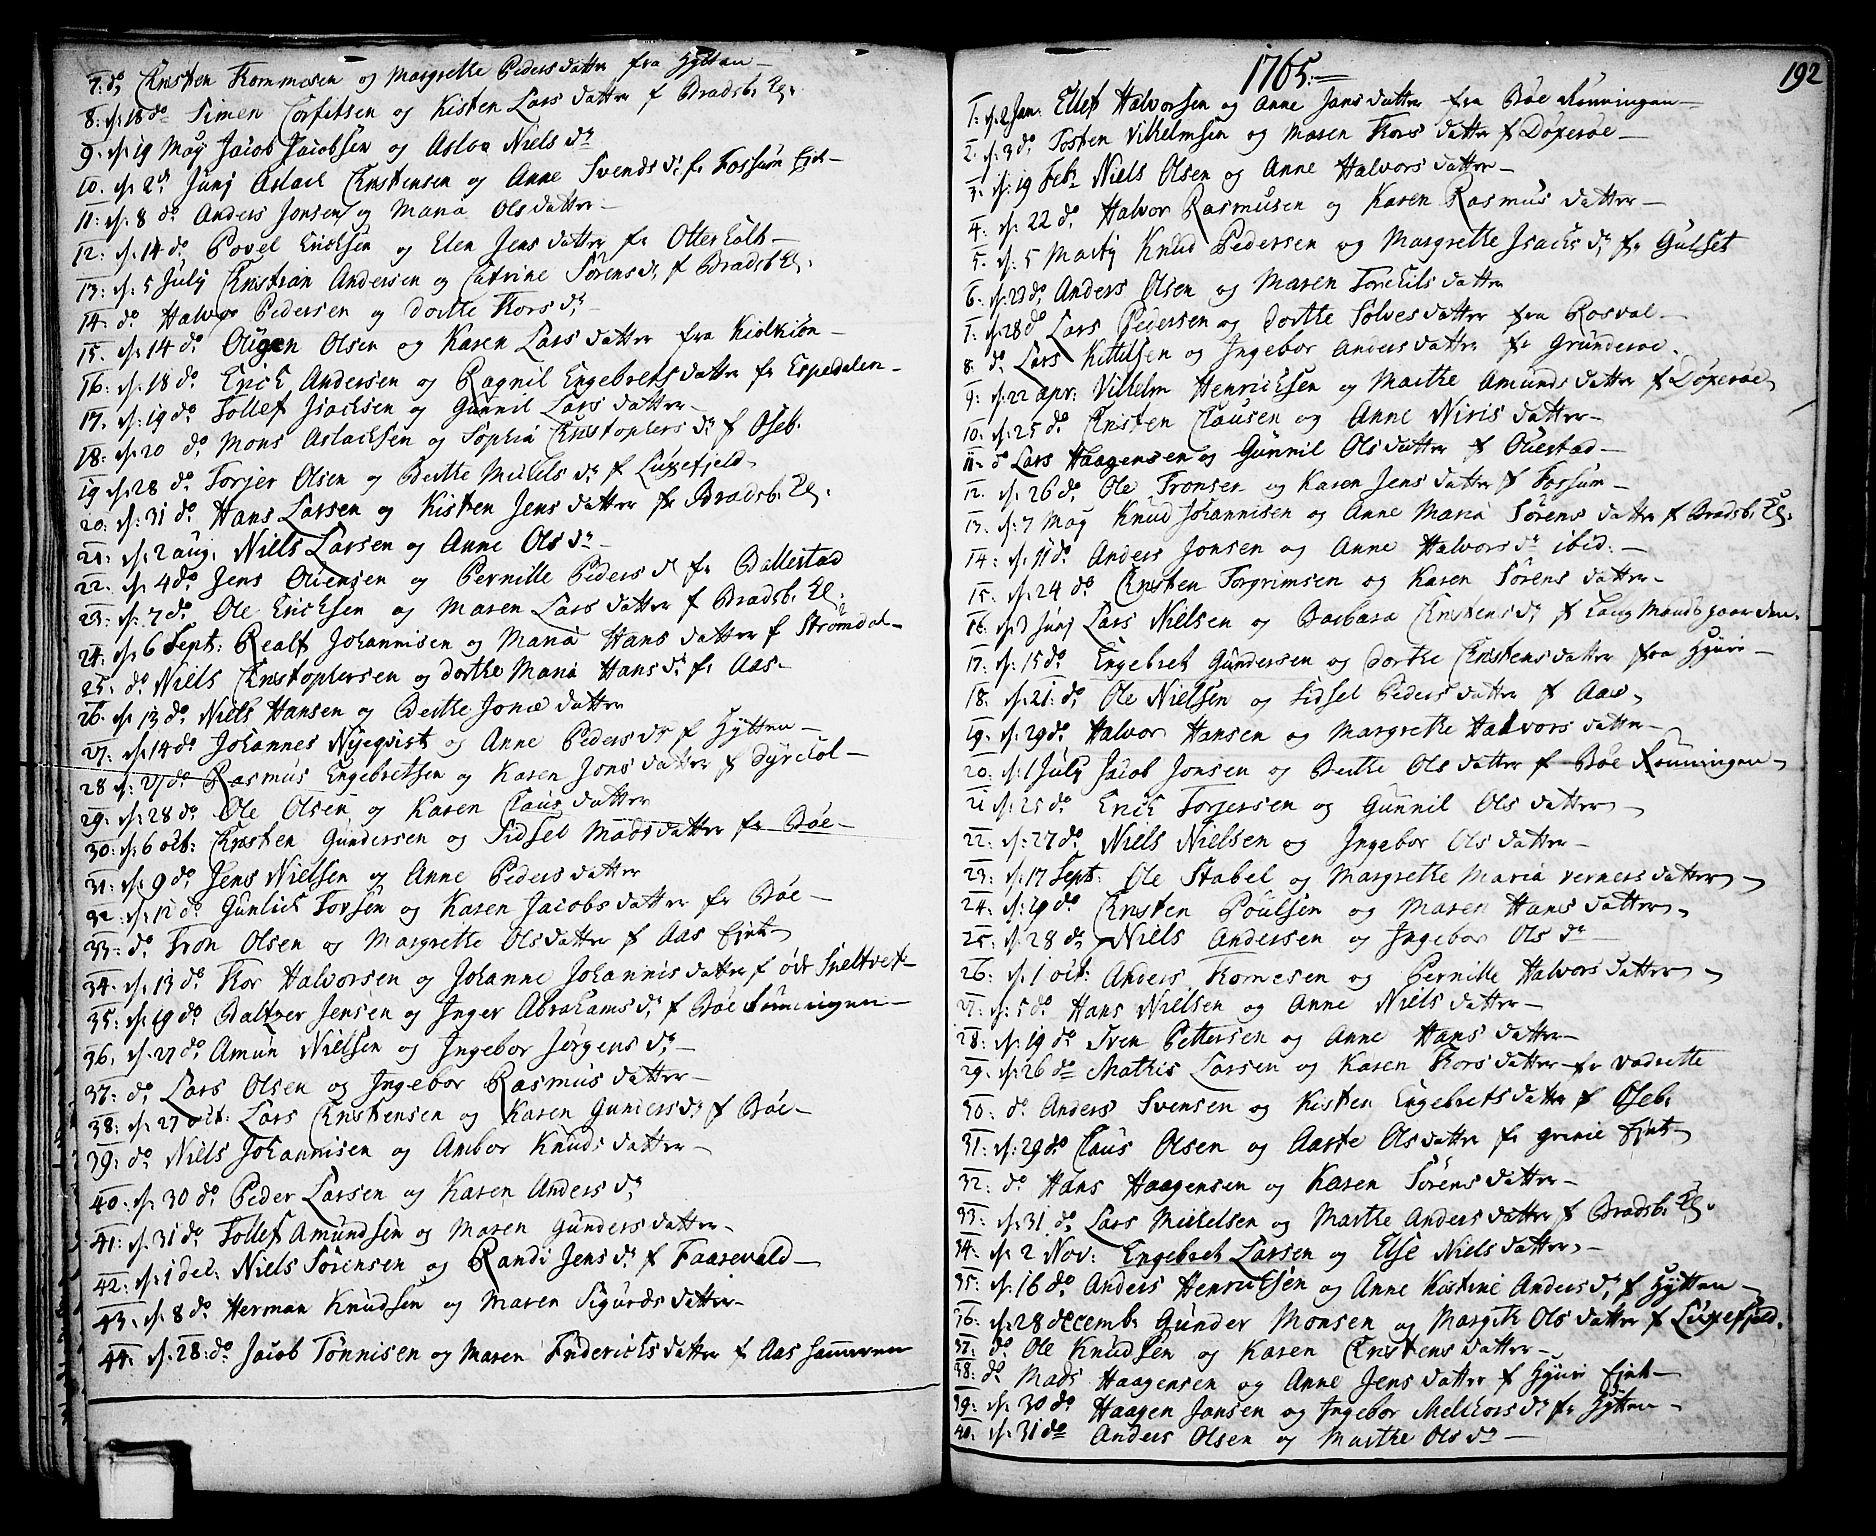 SAKO, Gjerpen kirkebøker, F/Fa/L0002: Ministerialbok nr. 2, 1747-1795, s. 192